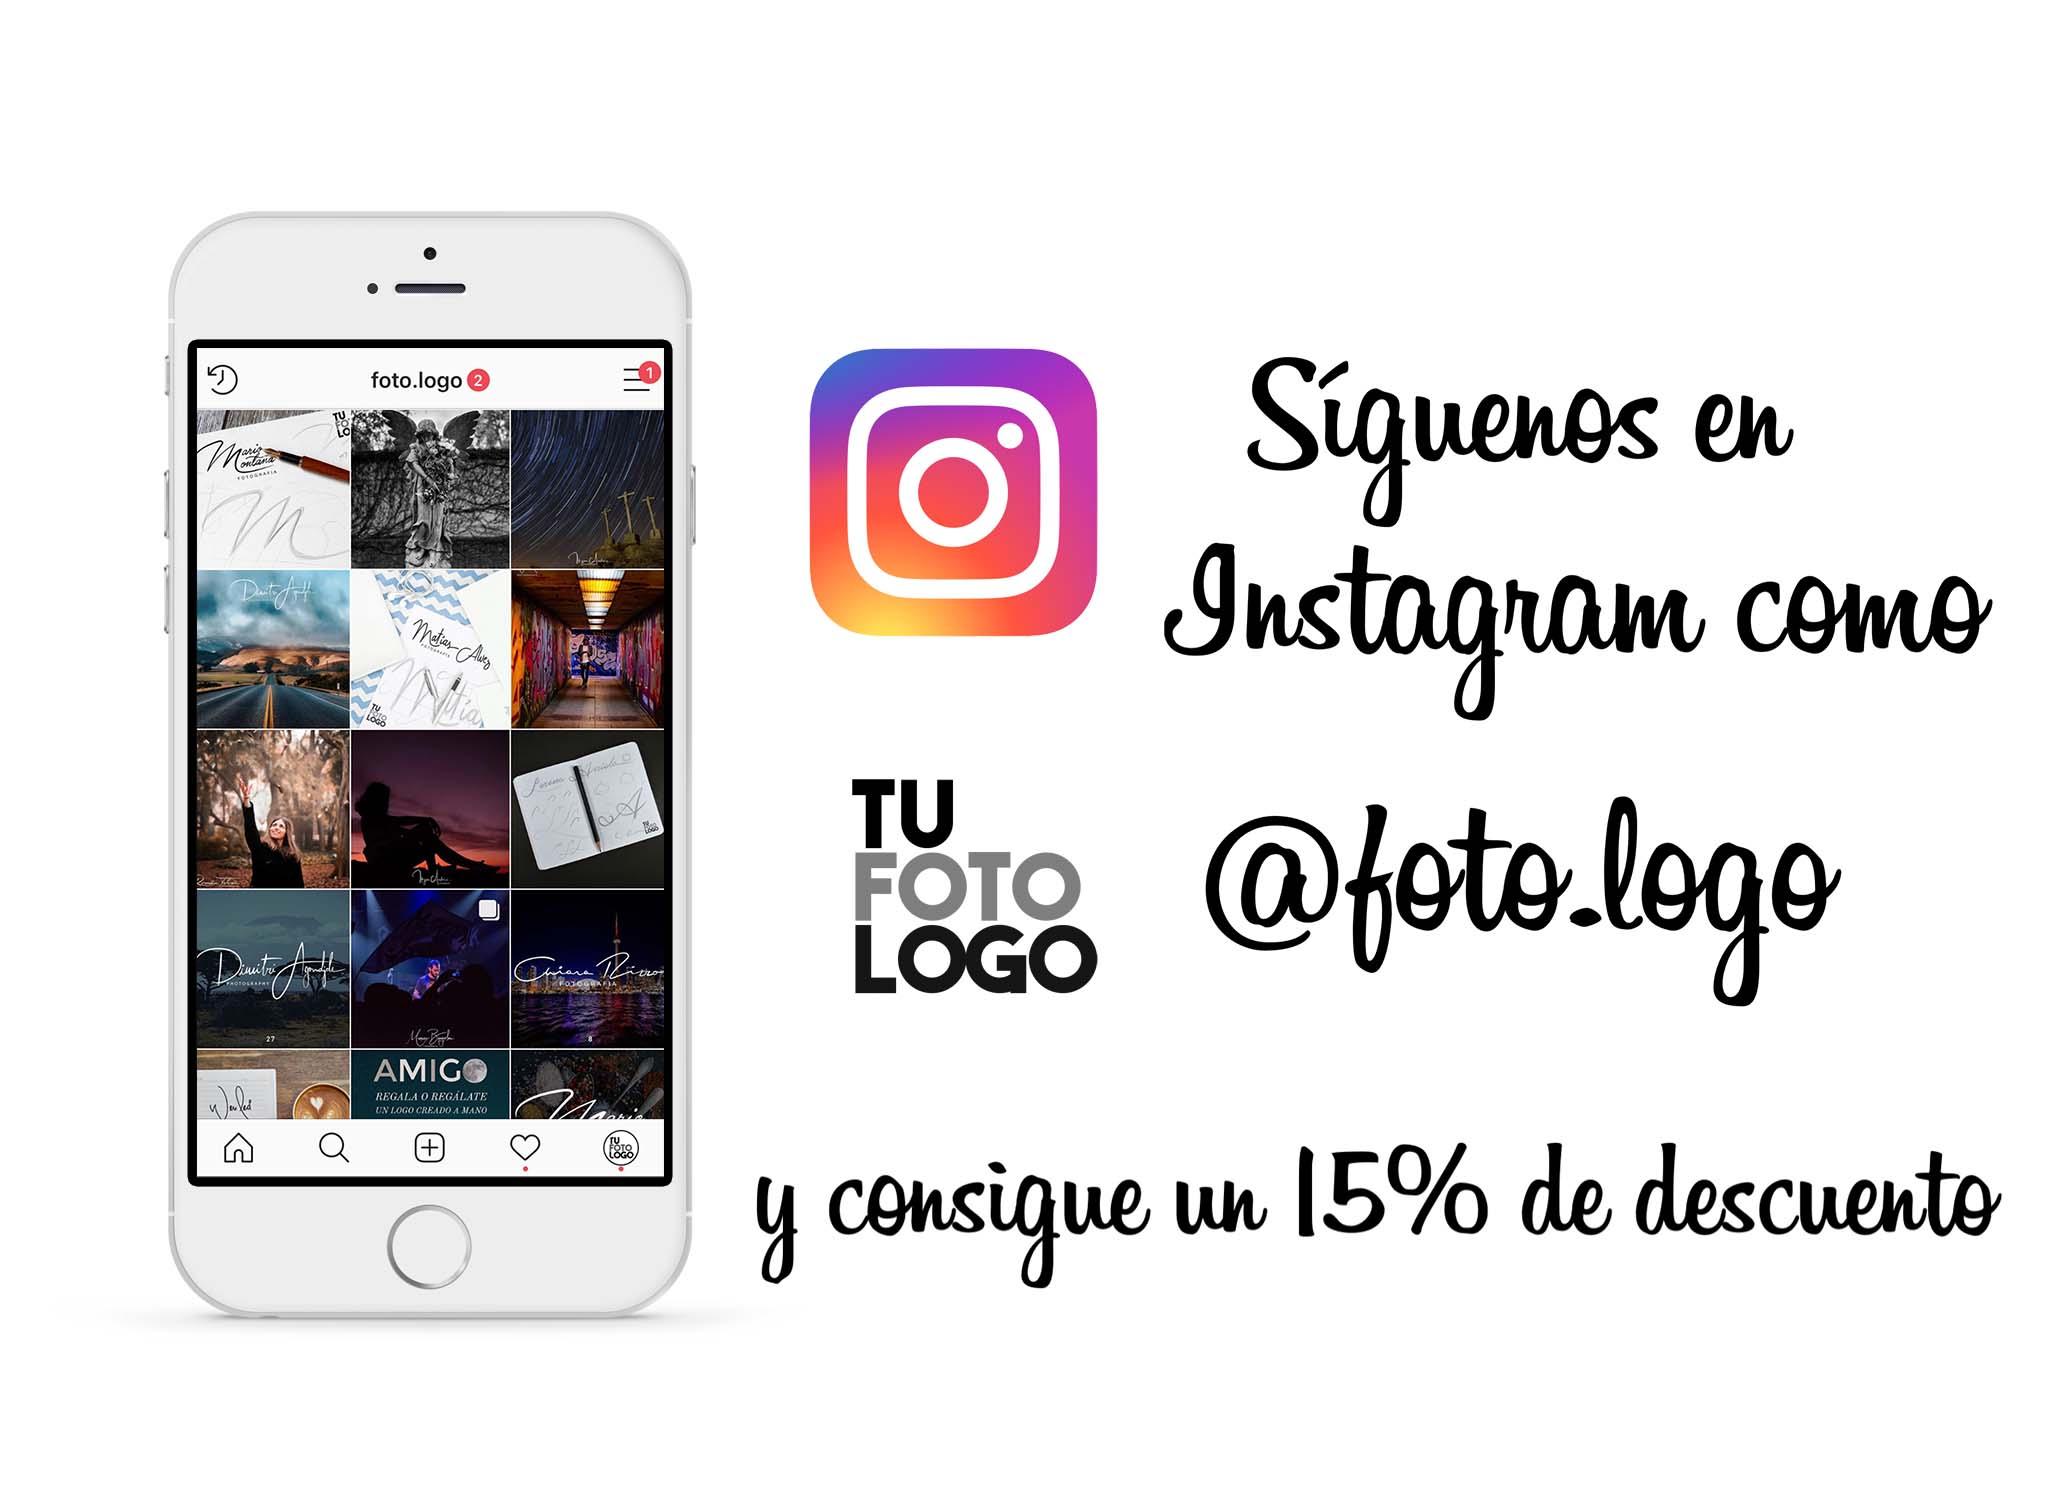 Síguenos en Instagram y consigue un 15%